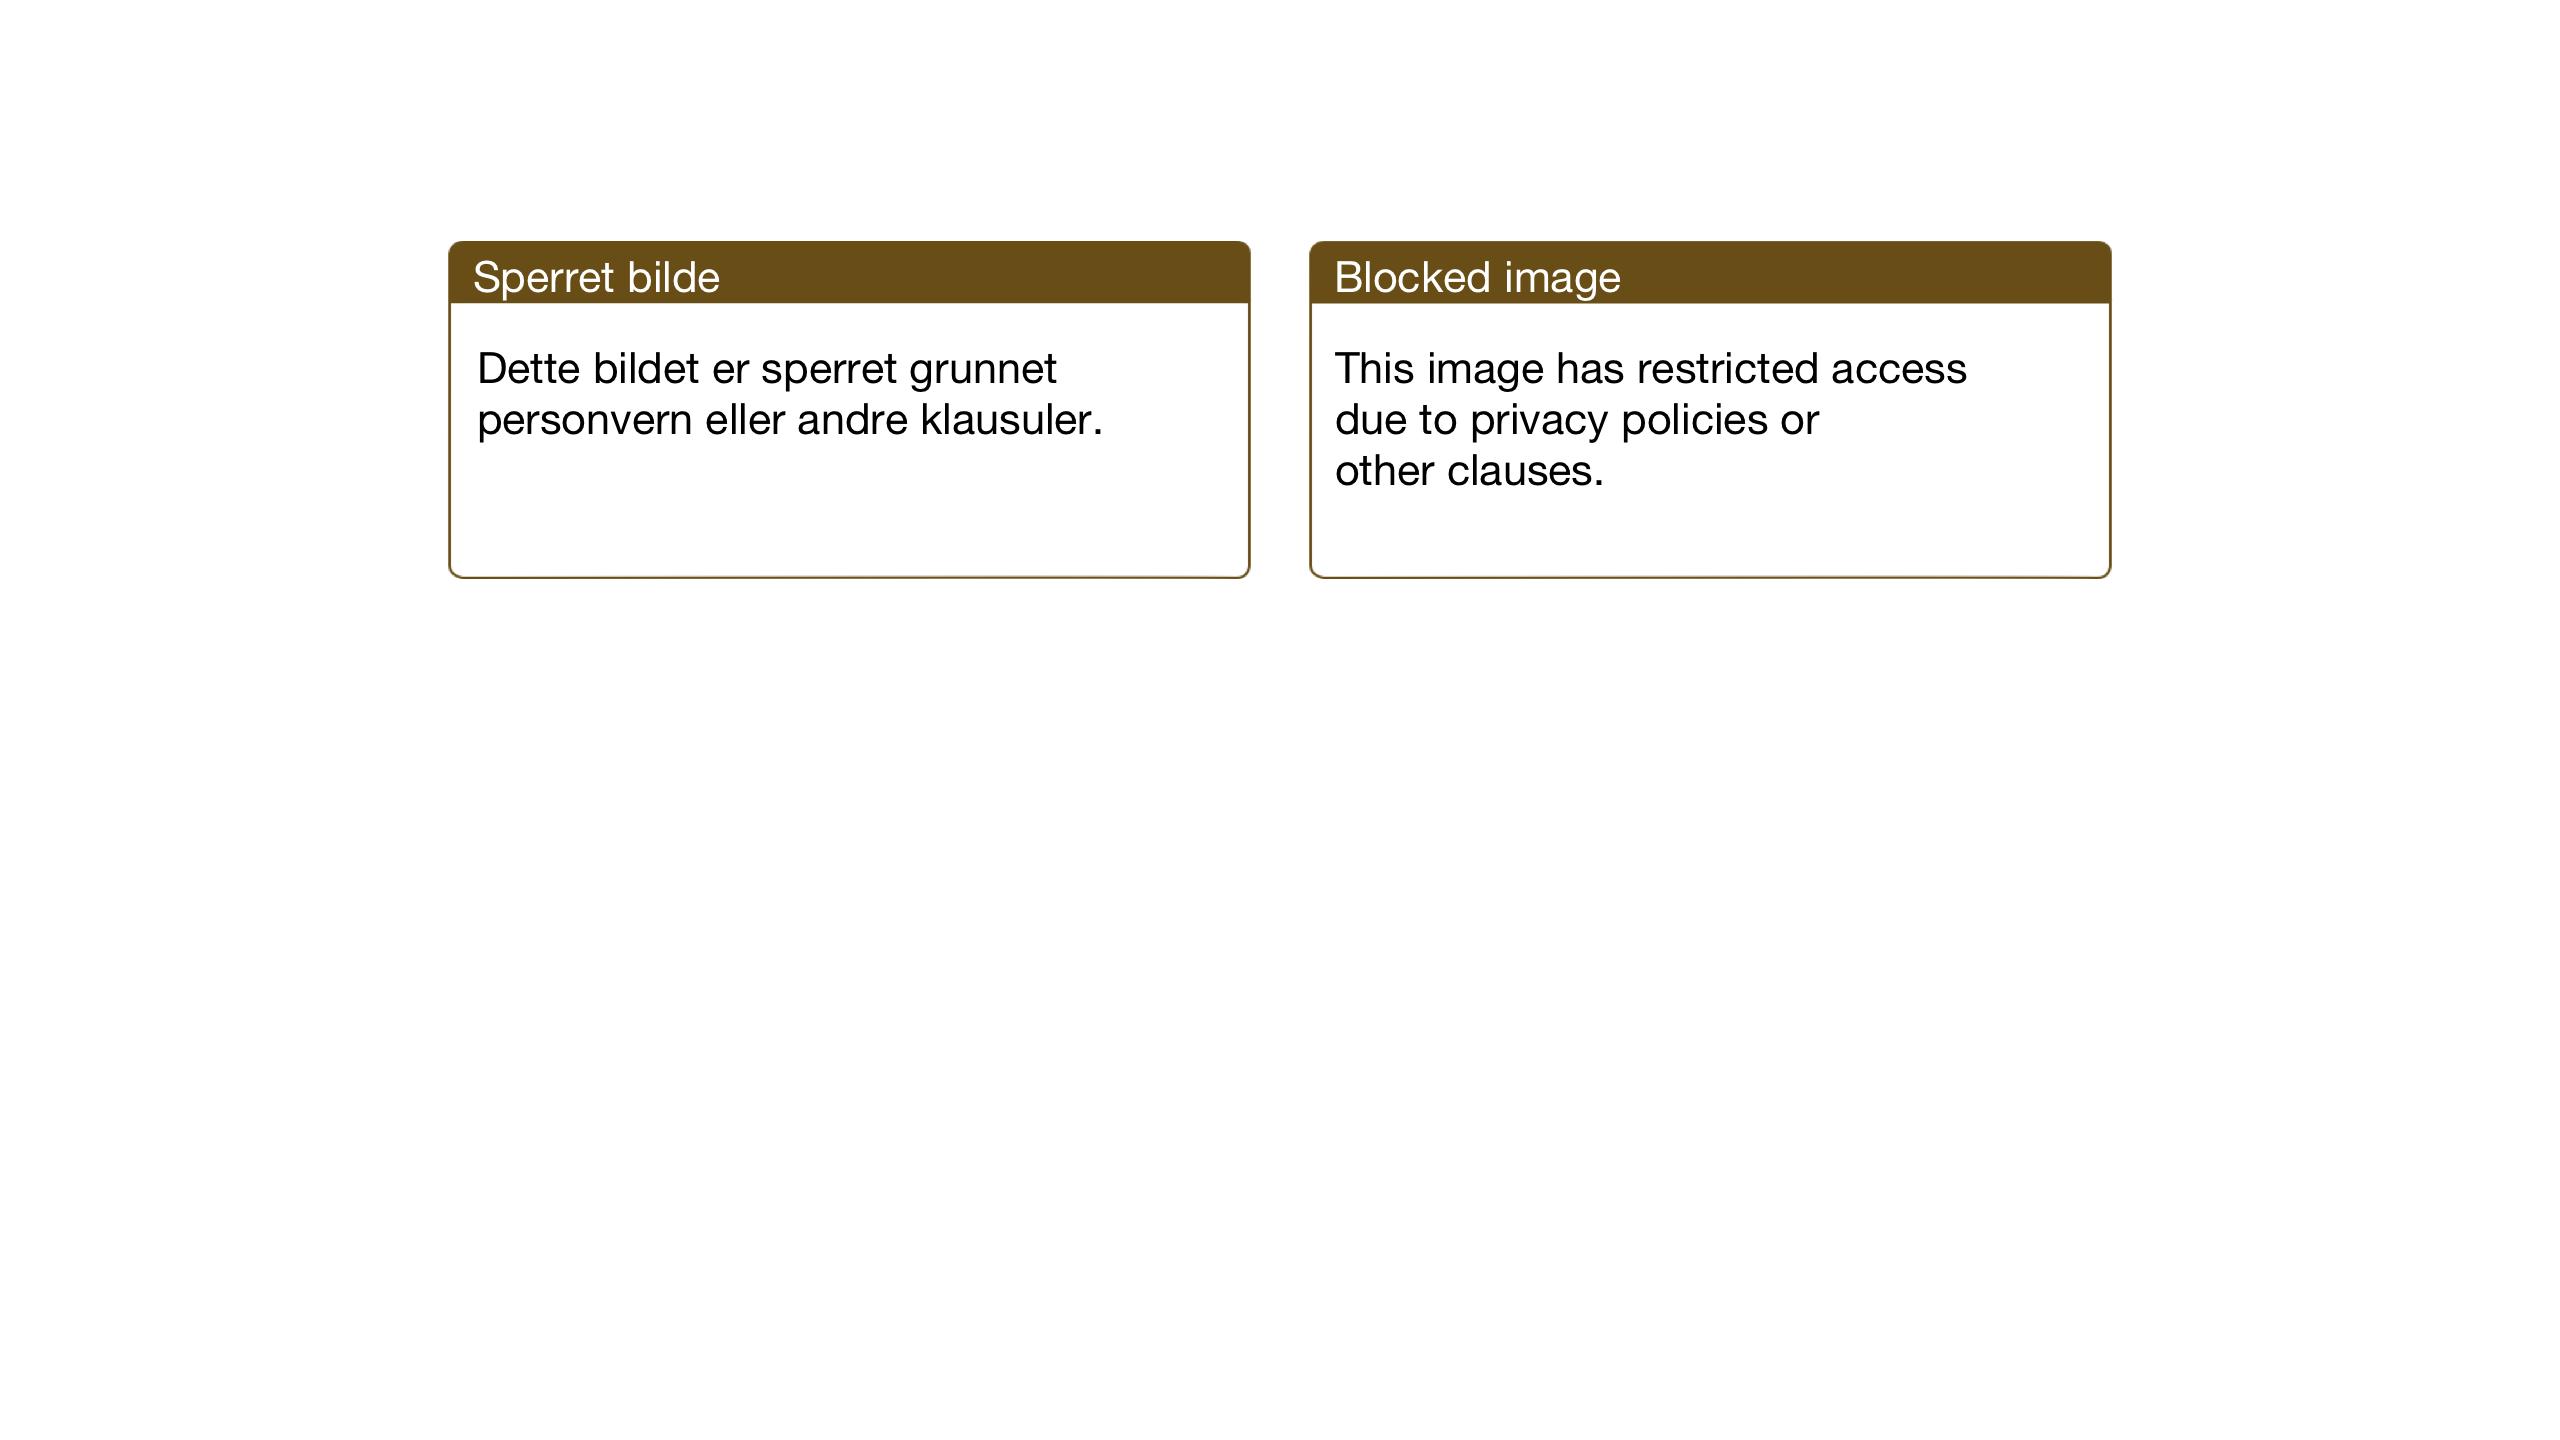 SAT, Ministerialprotokoller, klokkerbøker og fødselsregistre - Nord-Trøndelag, 740/L0384: Klokkerbok nr. 740C05, 1939-1946, s. 15